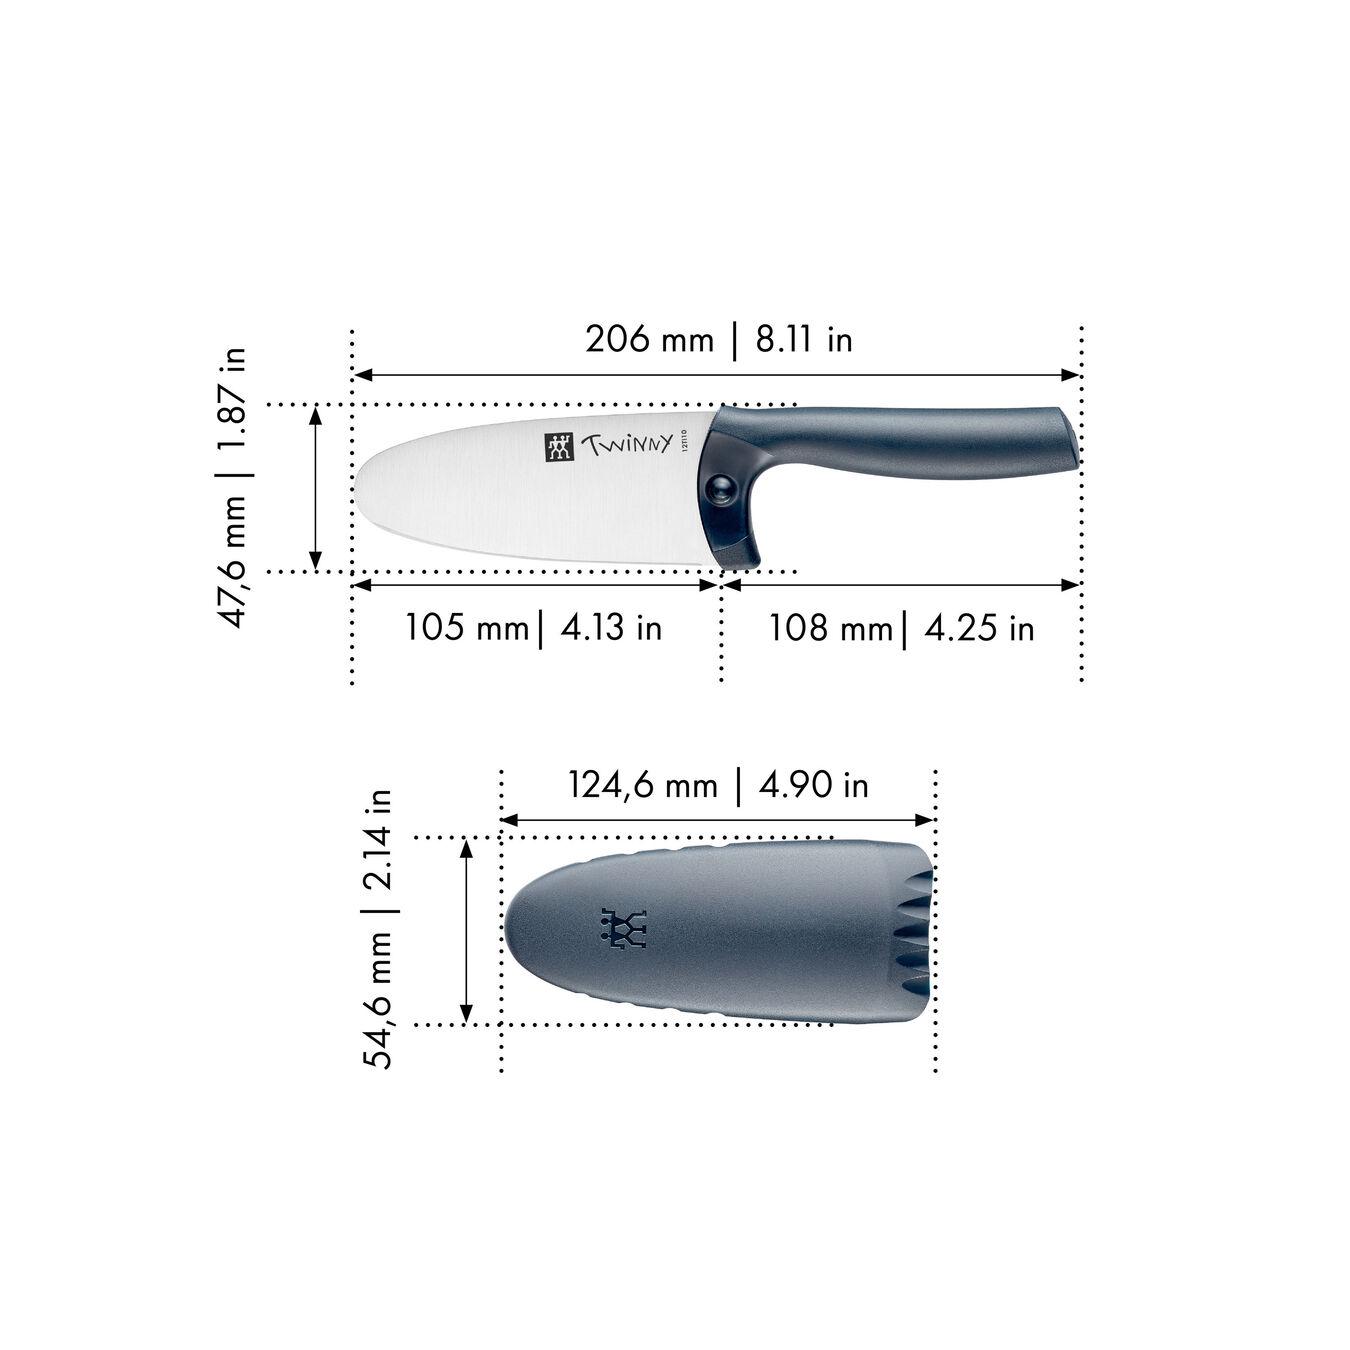 Coltello da cuoco - 10 cm, blu,,large 4